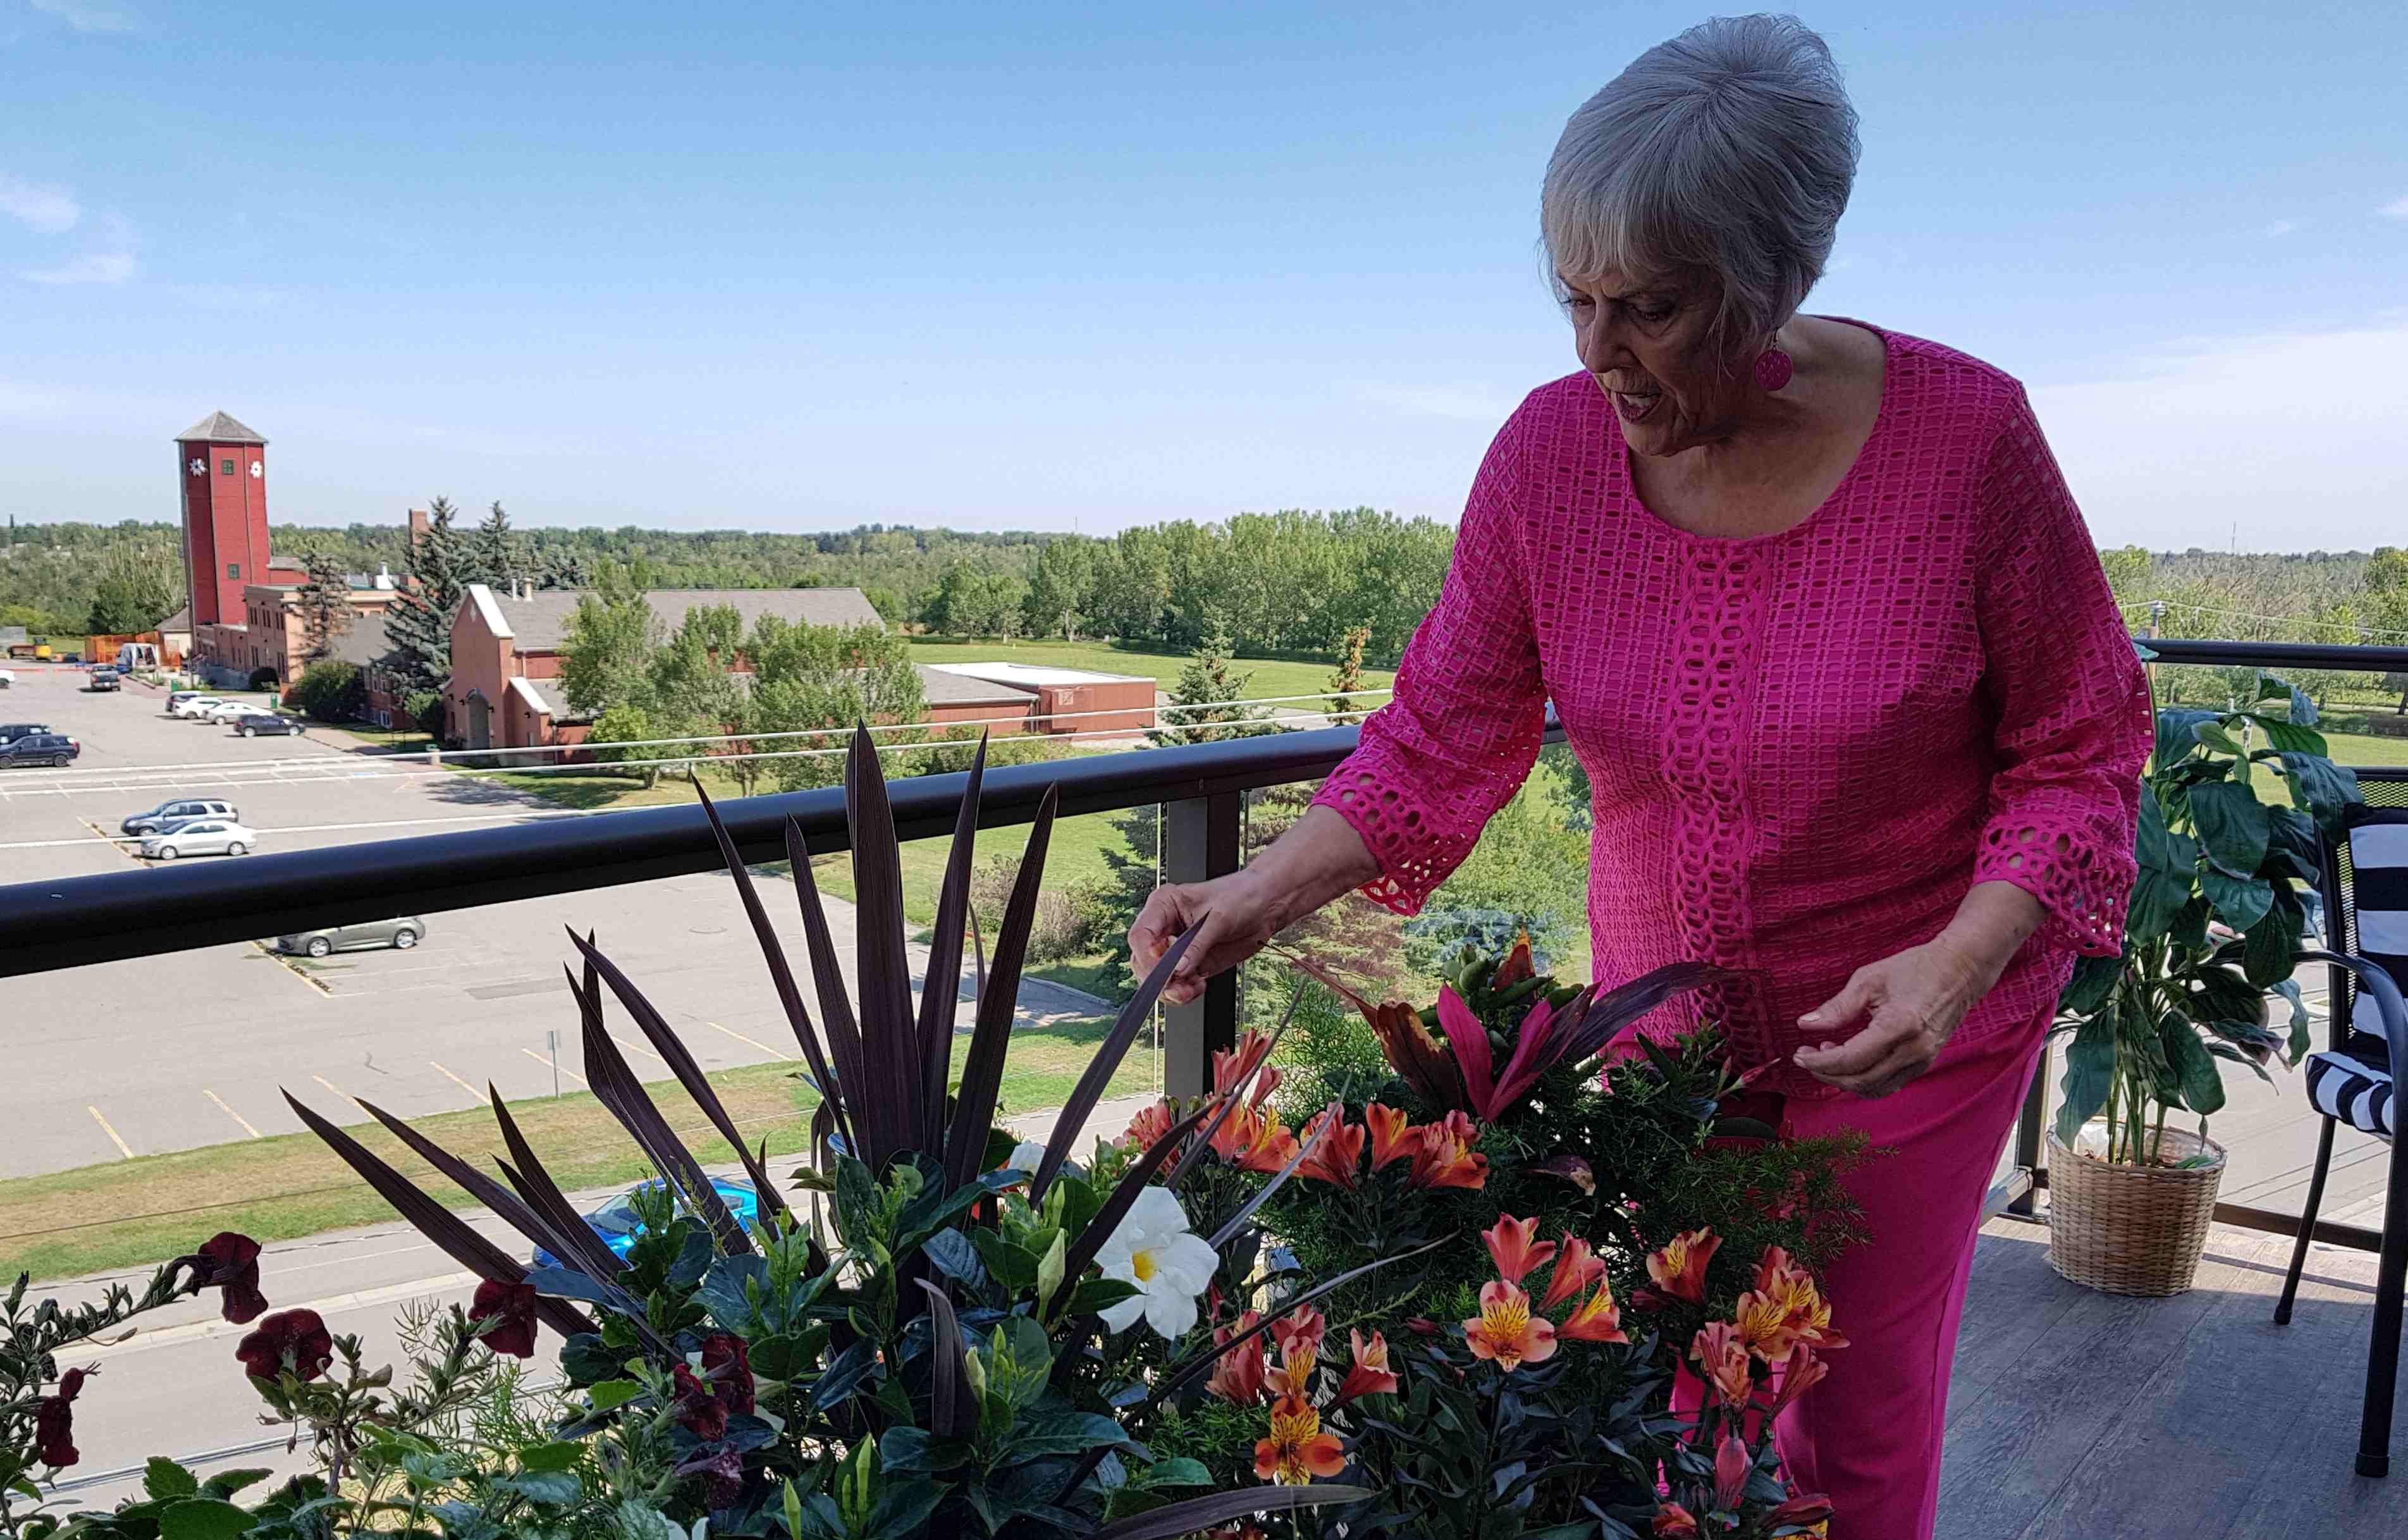 Diane tends garden on her deck overlooking Fish Creek Park